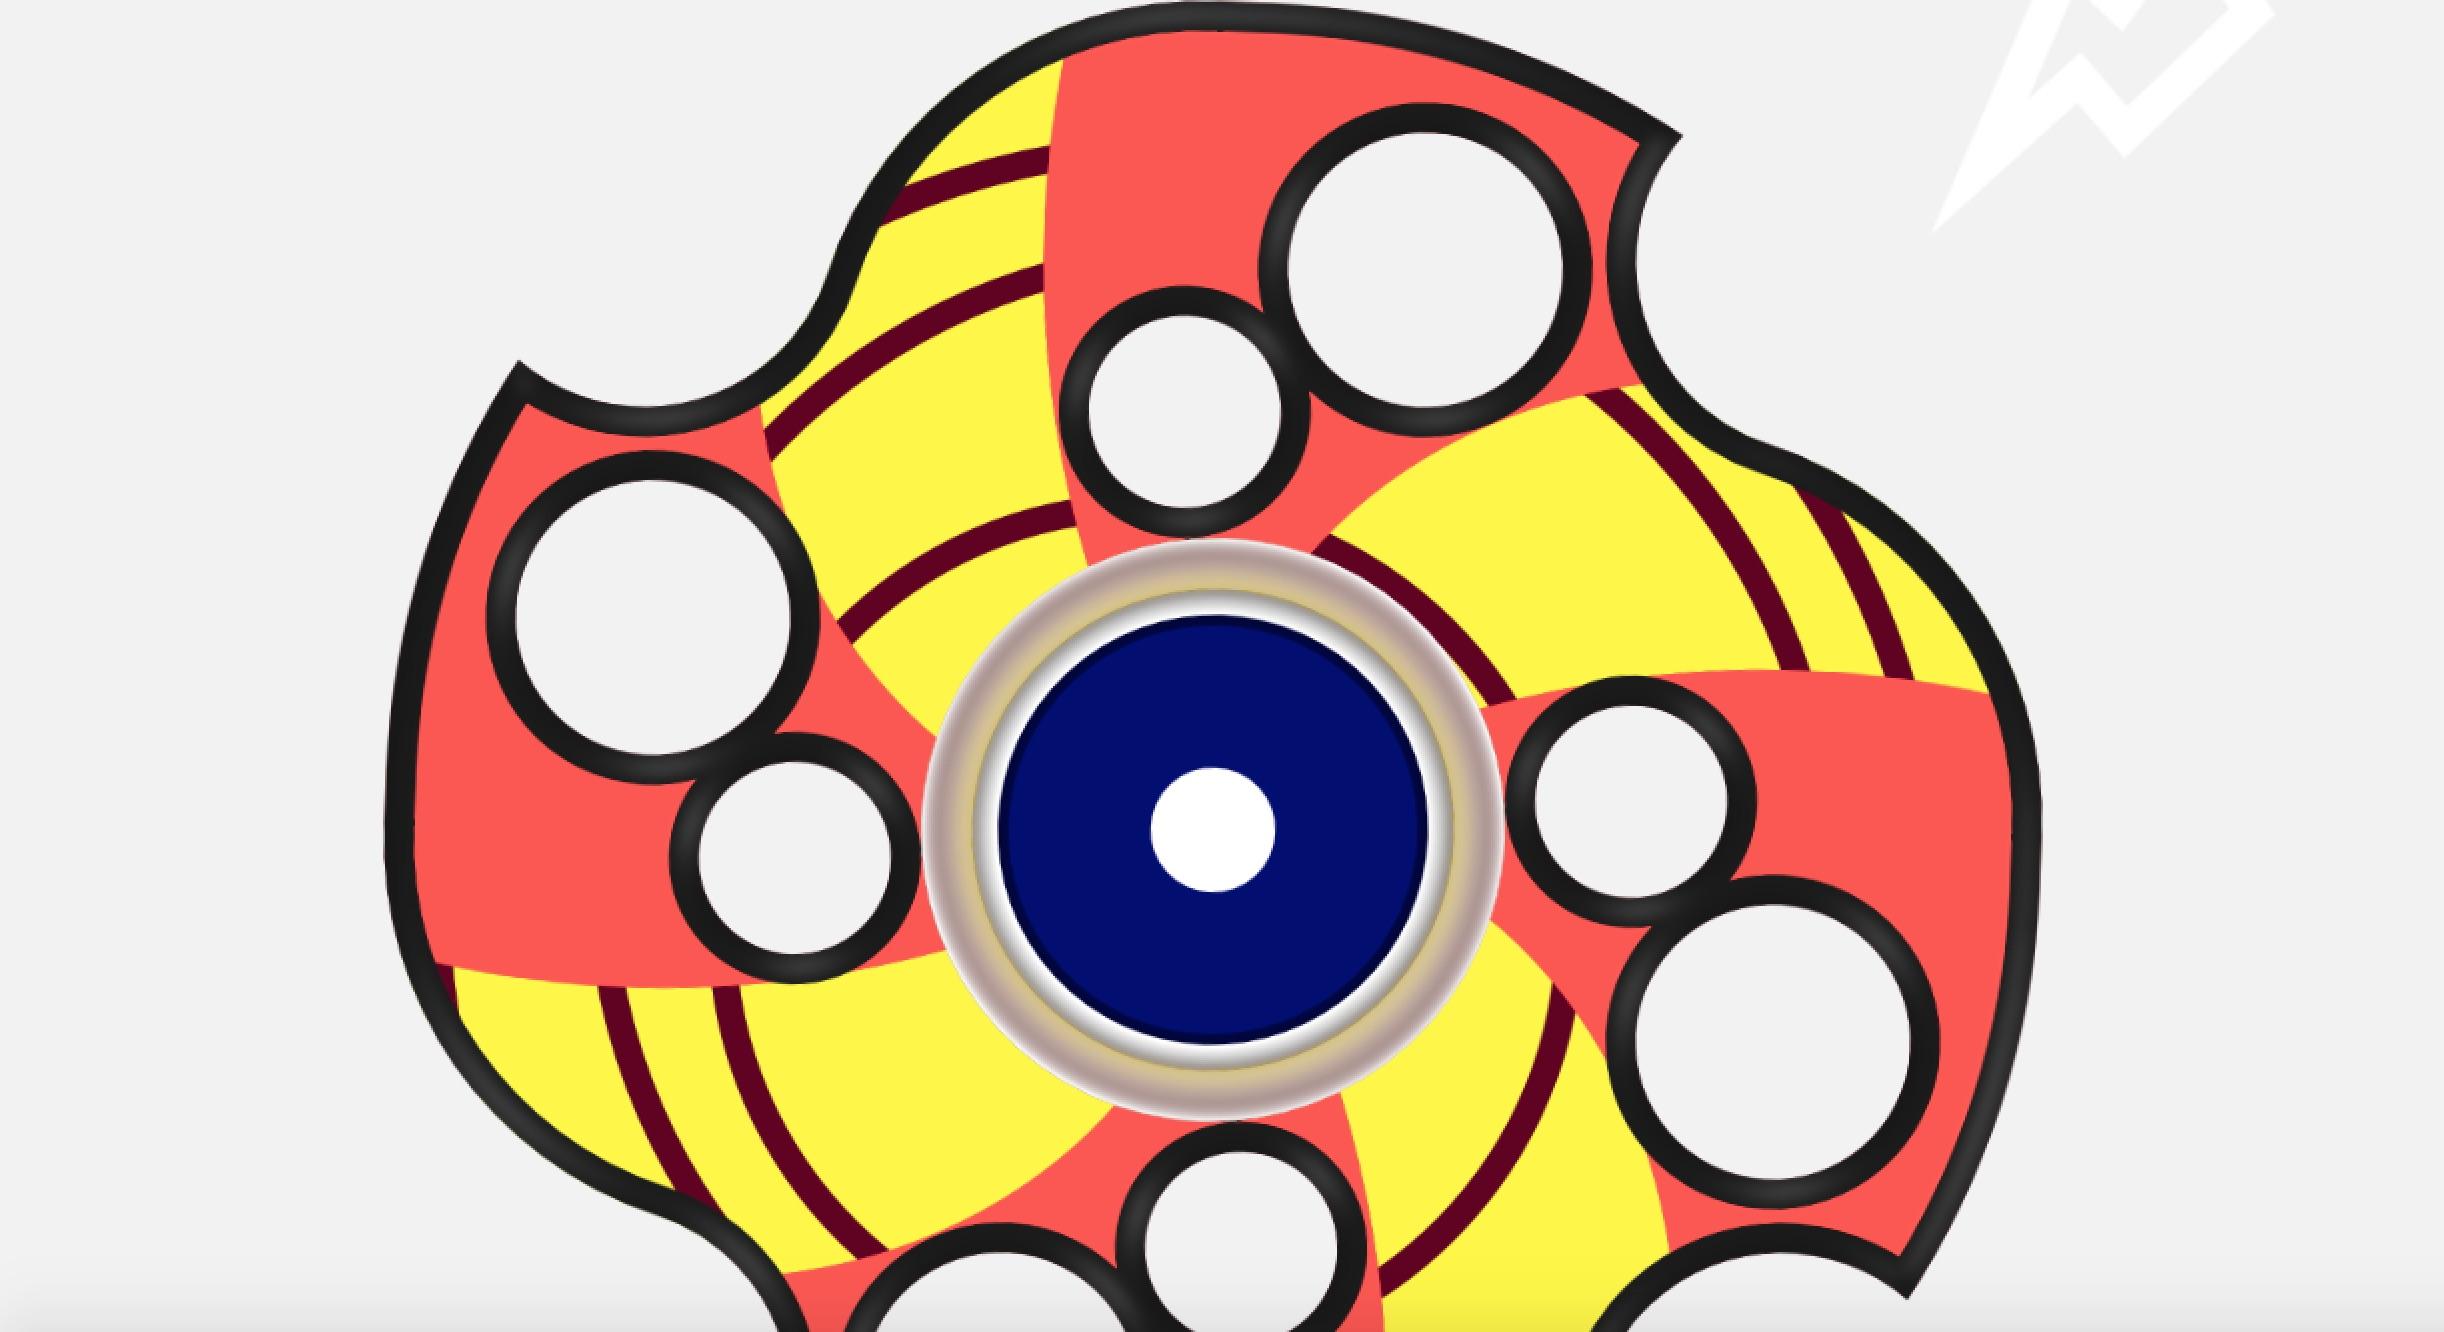 2444x1332 Finger Spinner Tips (Ketchapp Game) Get More Gold Coins, Make